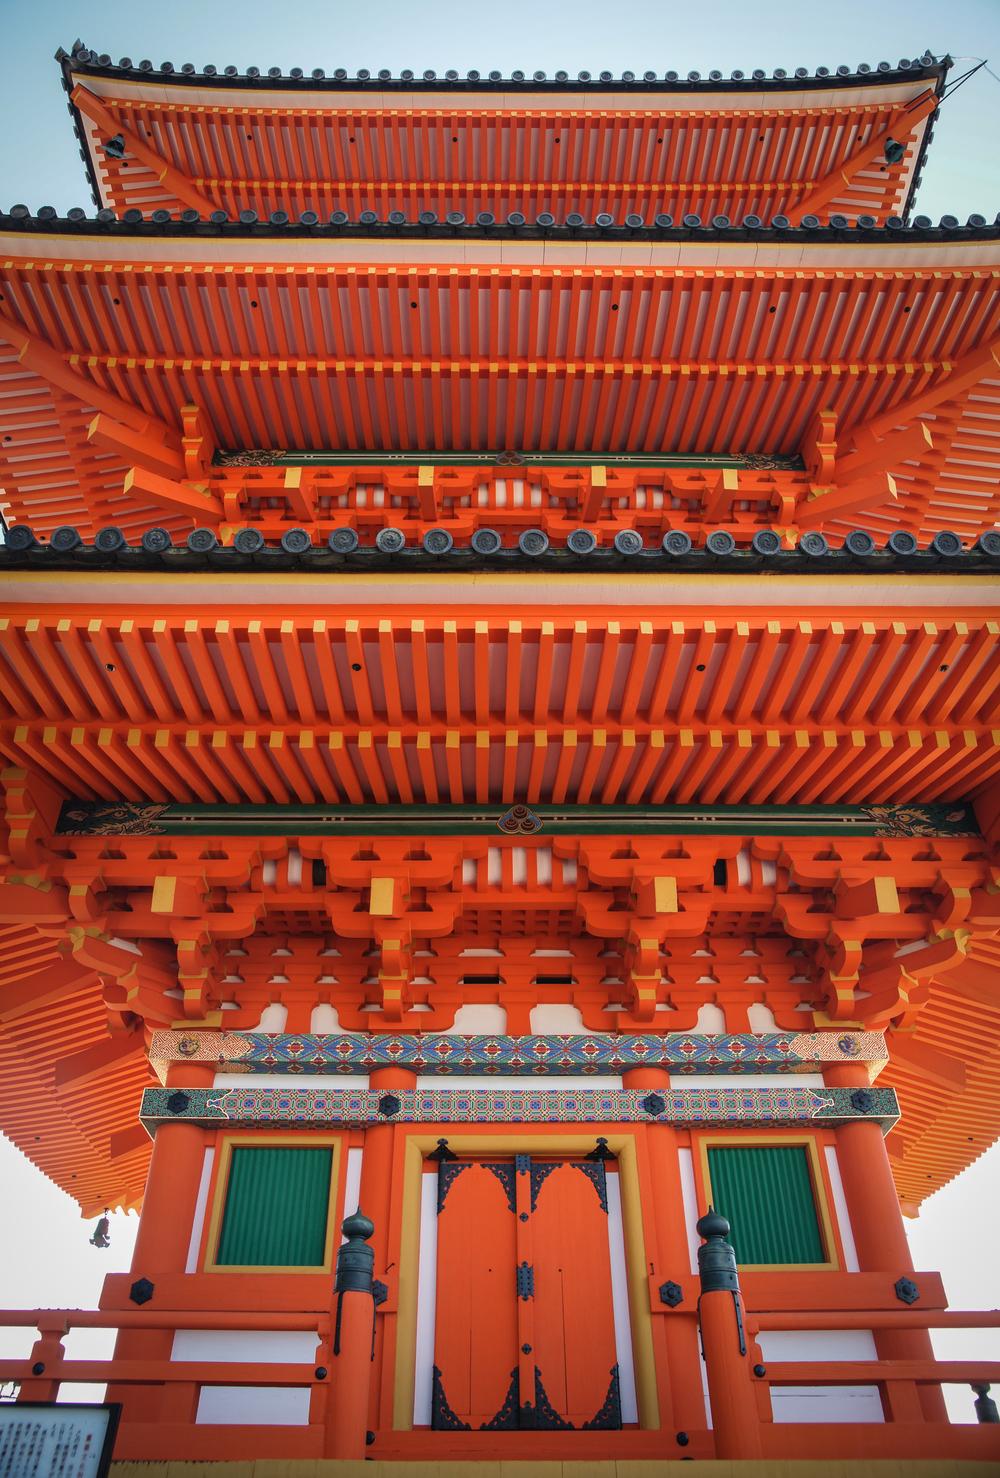 the 3-story Pagoda